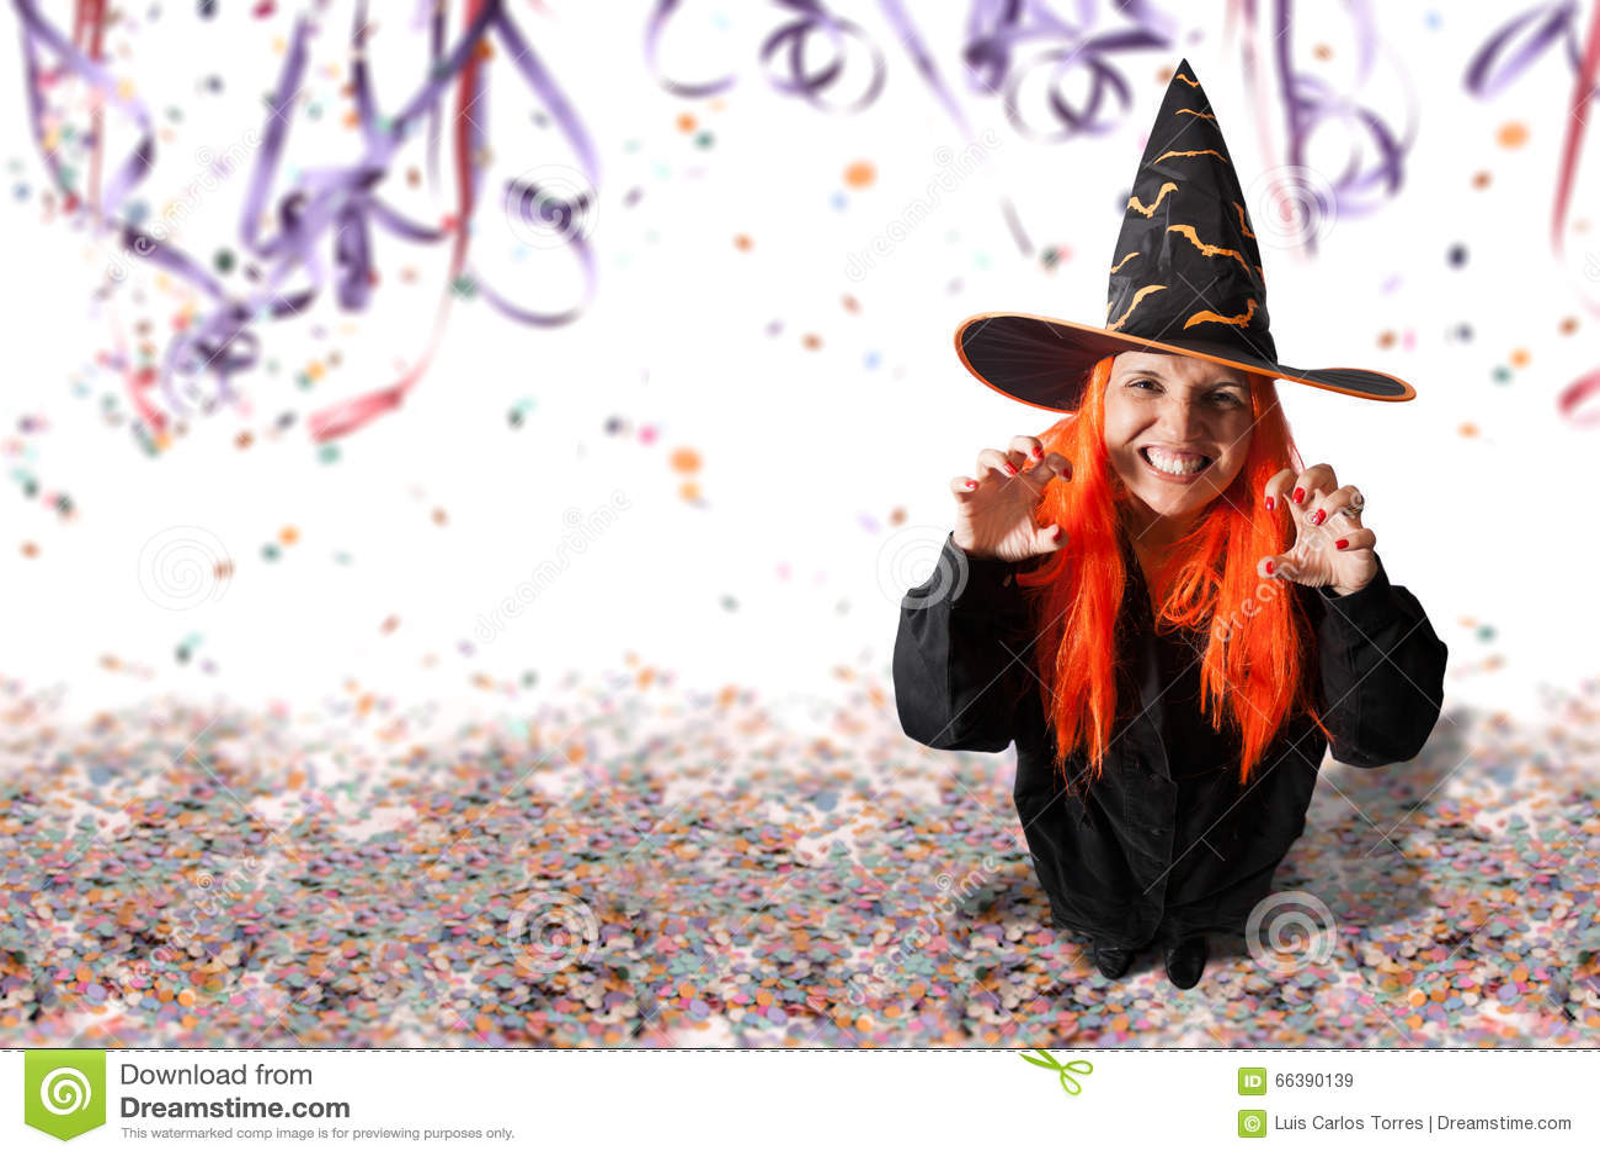 Carnaval ou Dia das Bruxas